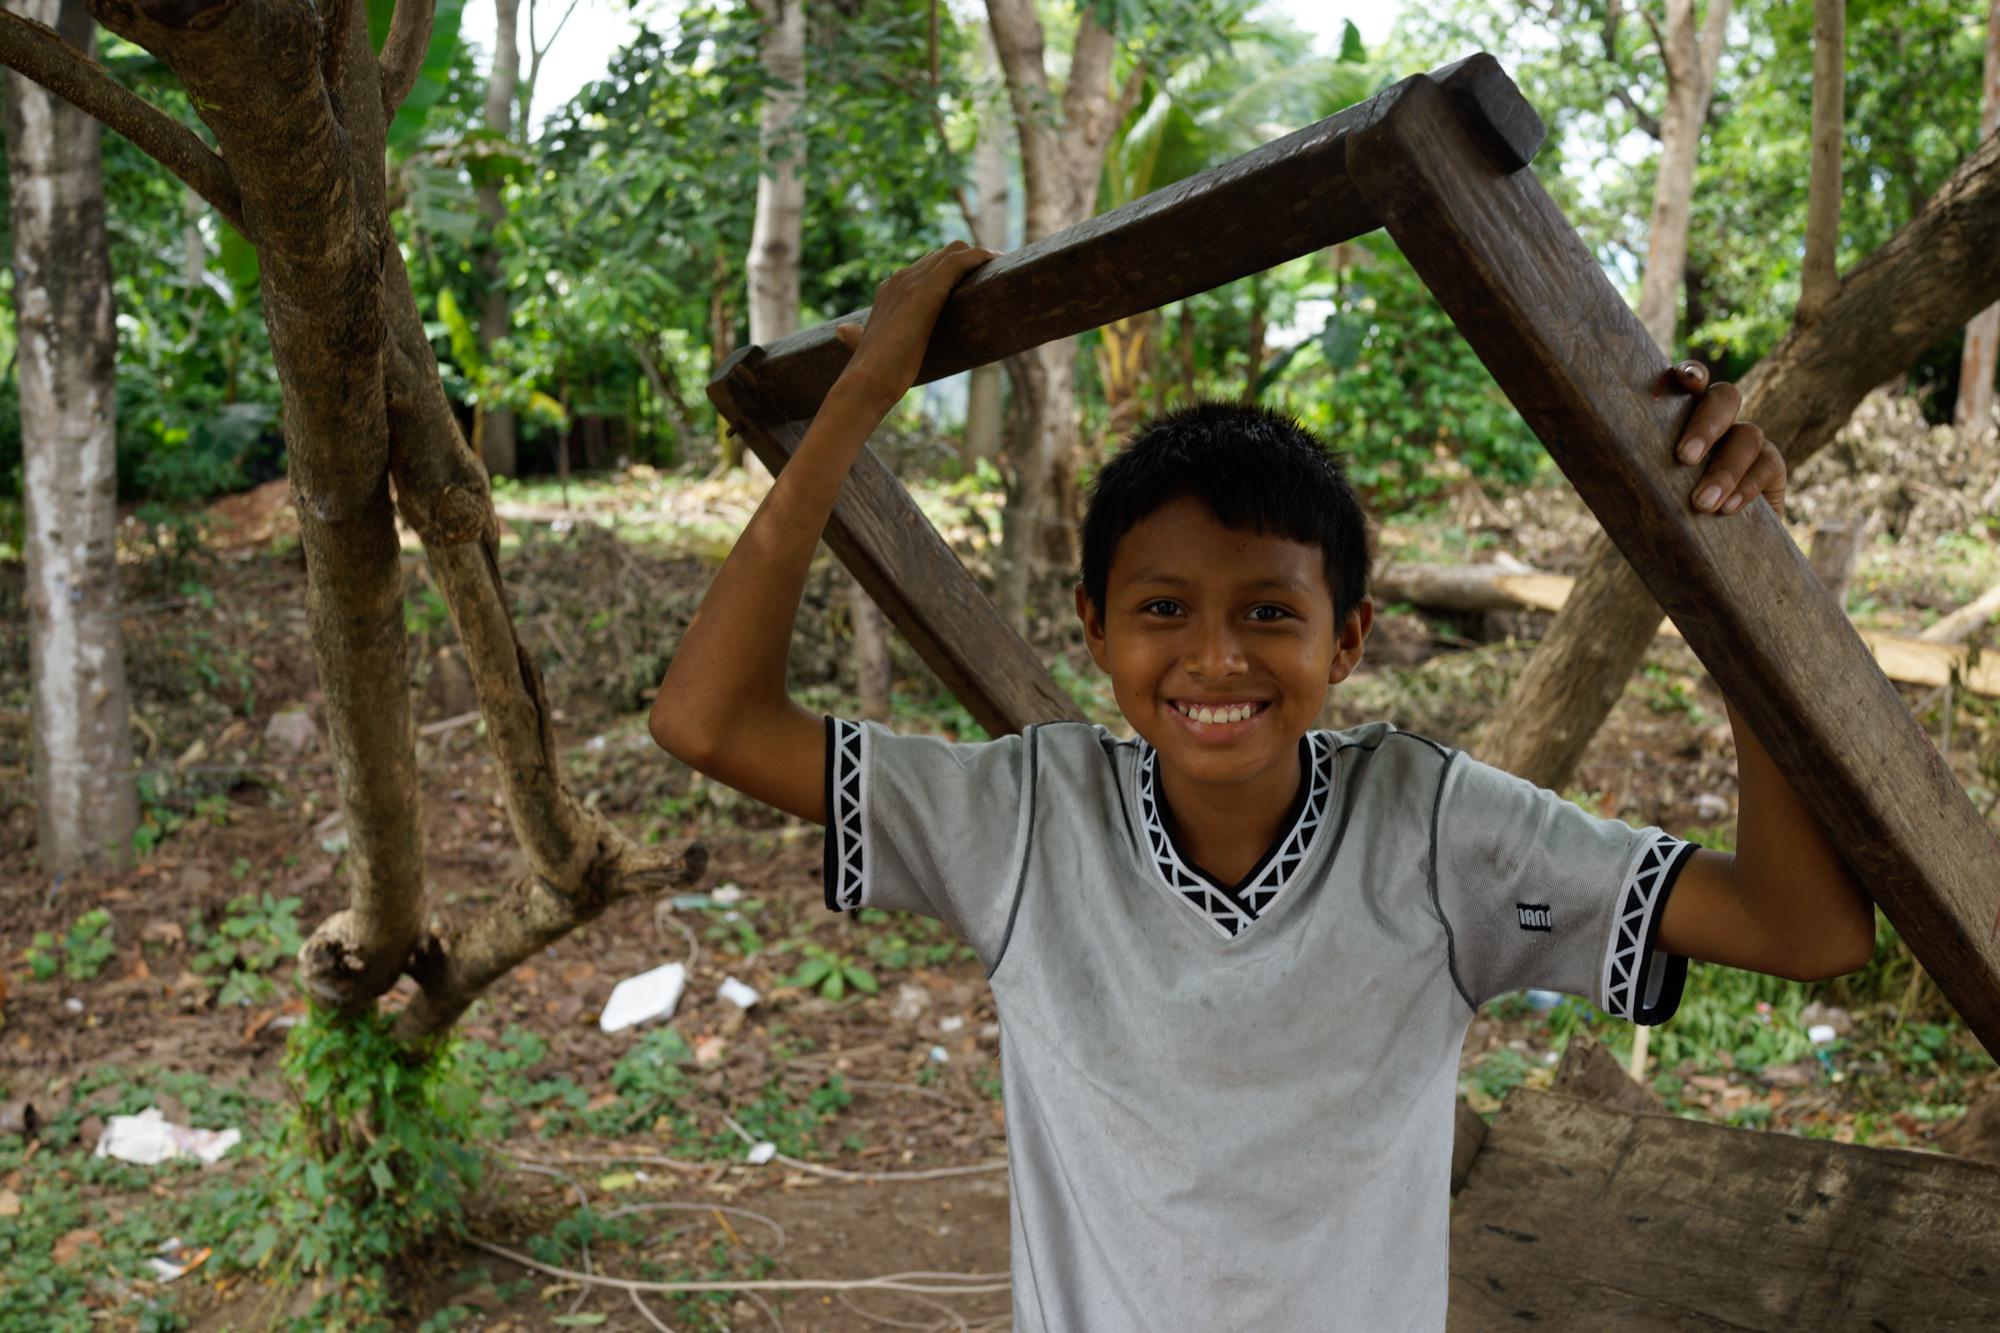 nicaragua-volunteering-01.JPG